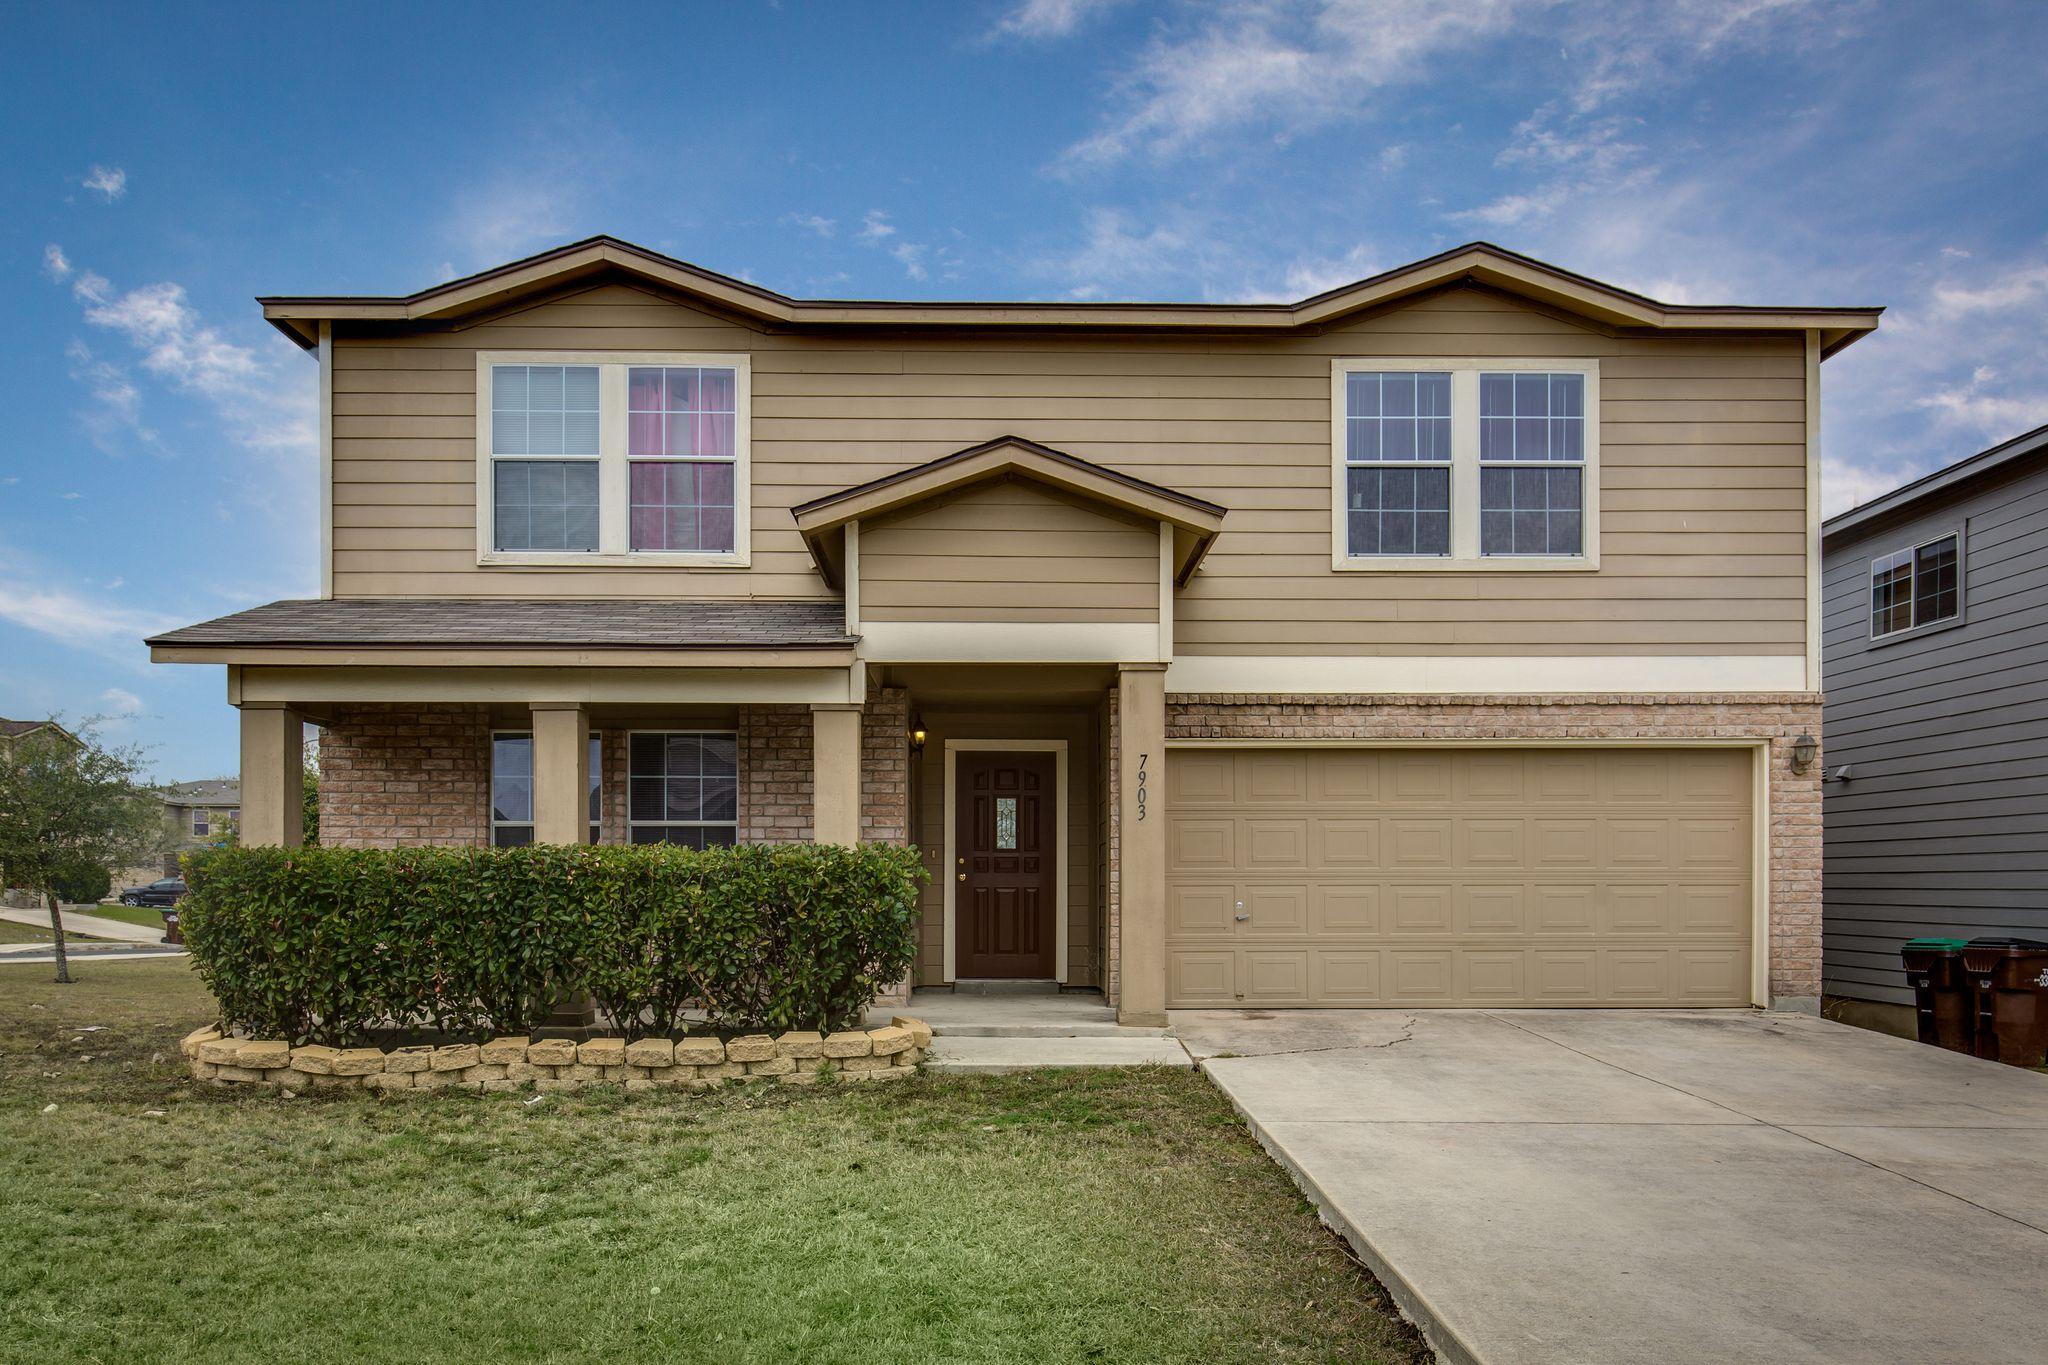 7903 Arabian Cv, San Antonio, TX 78244 | Trulia